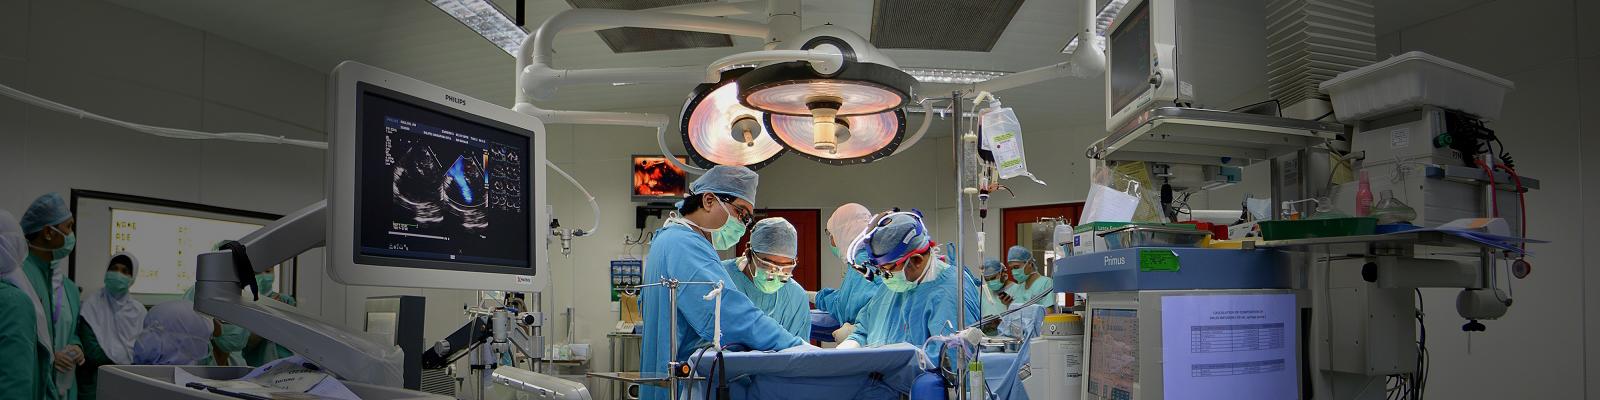 880+ Gambar Rumah Sakit Harapan Kita Gratis Terbaik